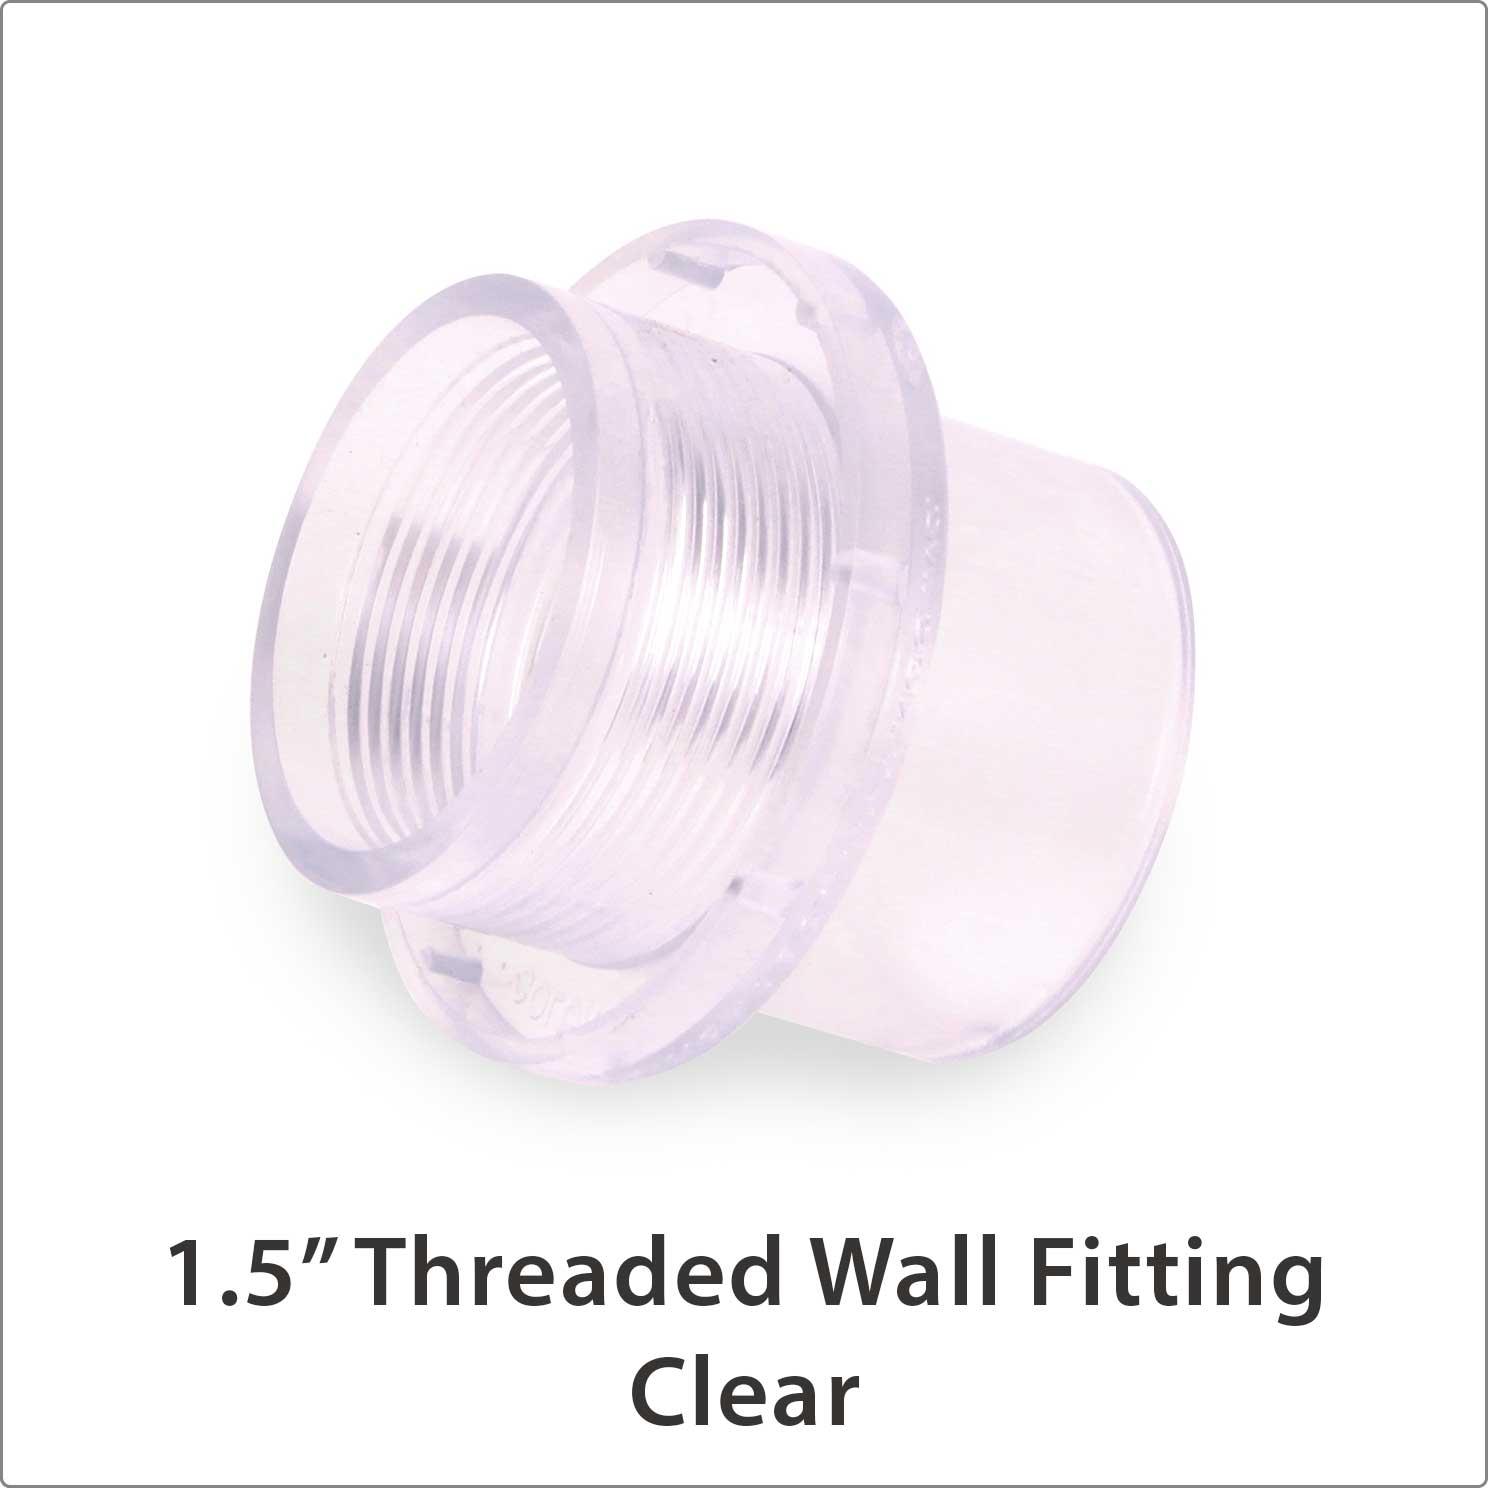 Threaded-Wall-Fitting-1-half-clear.jpg